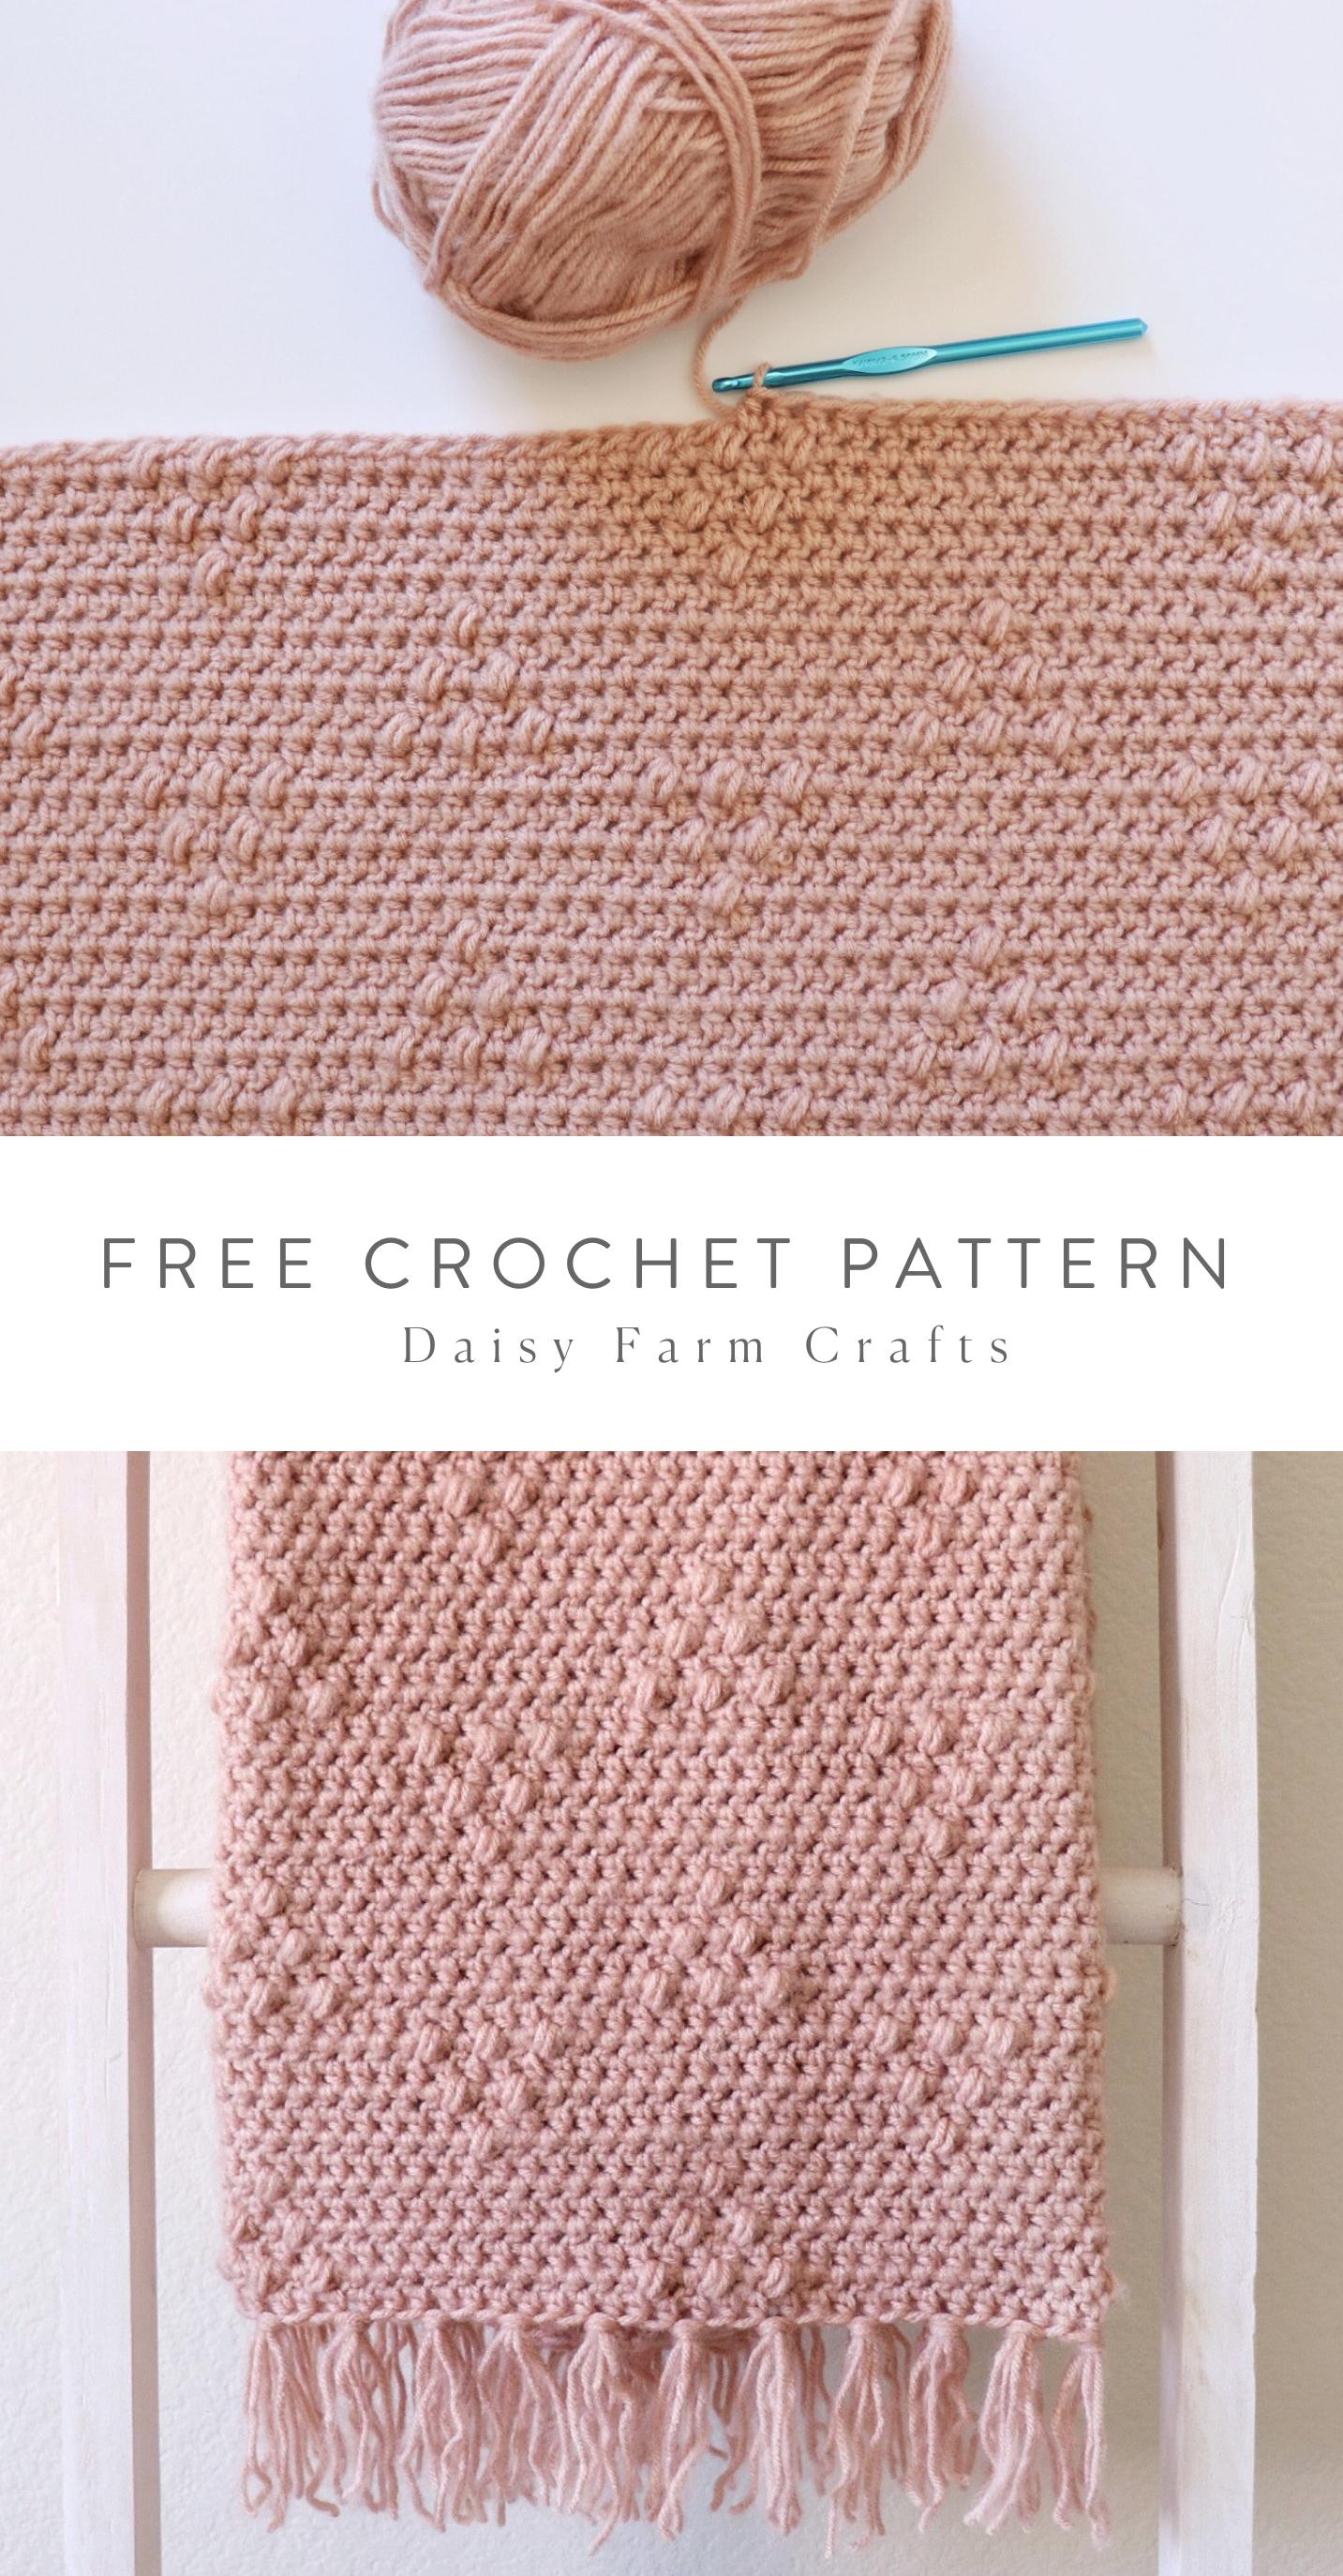 Free Crochet Pattern – Triangle Puffs Blanket